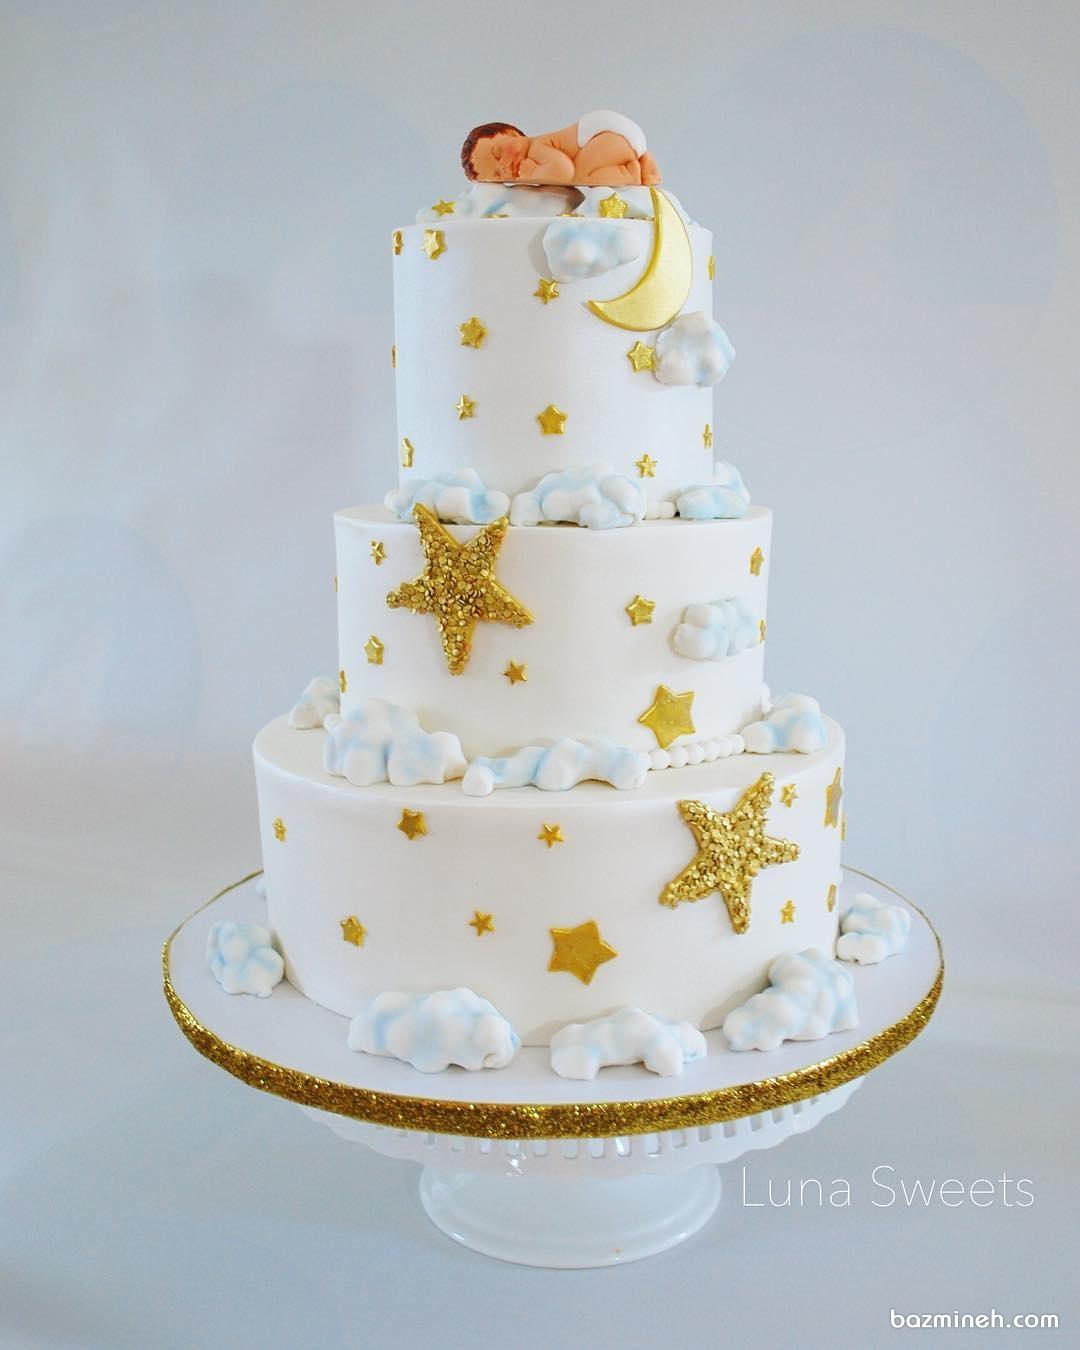 کیک سه طبقه جشن بیبی شاور با تم ماه و ستاره